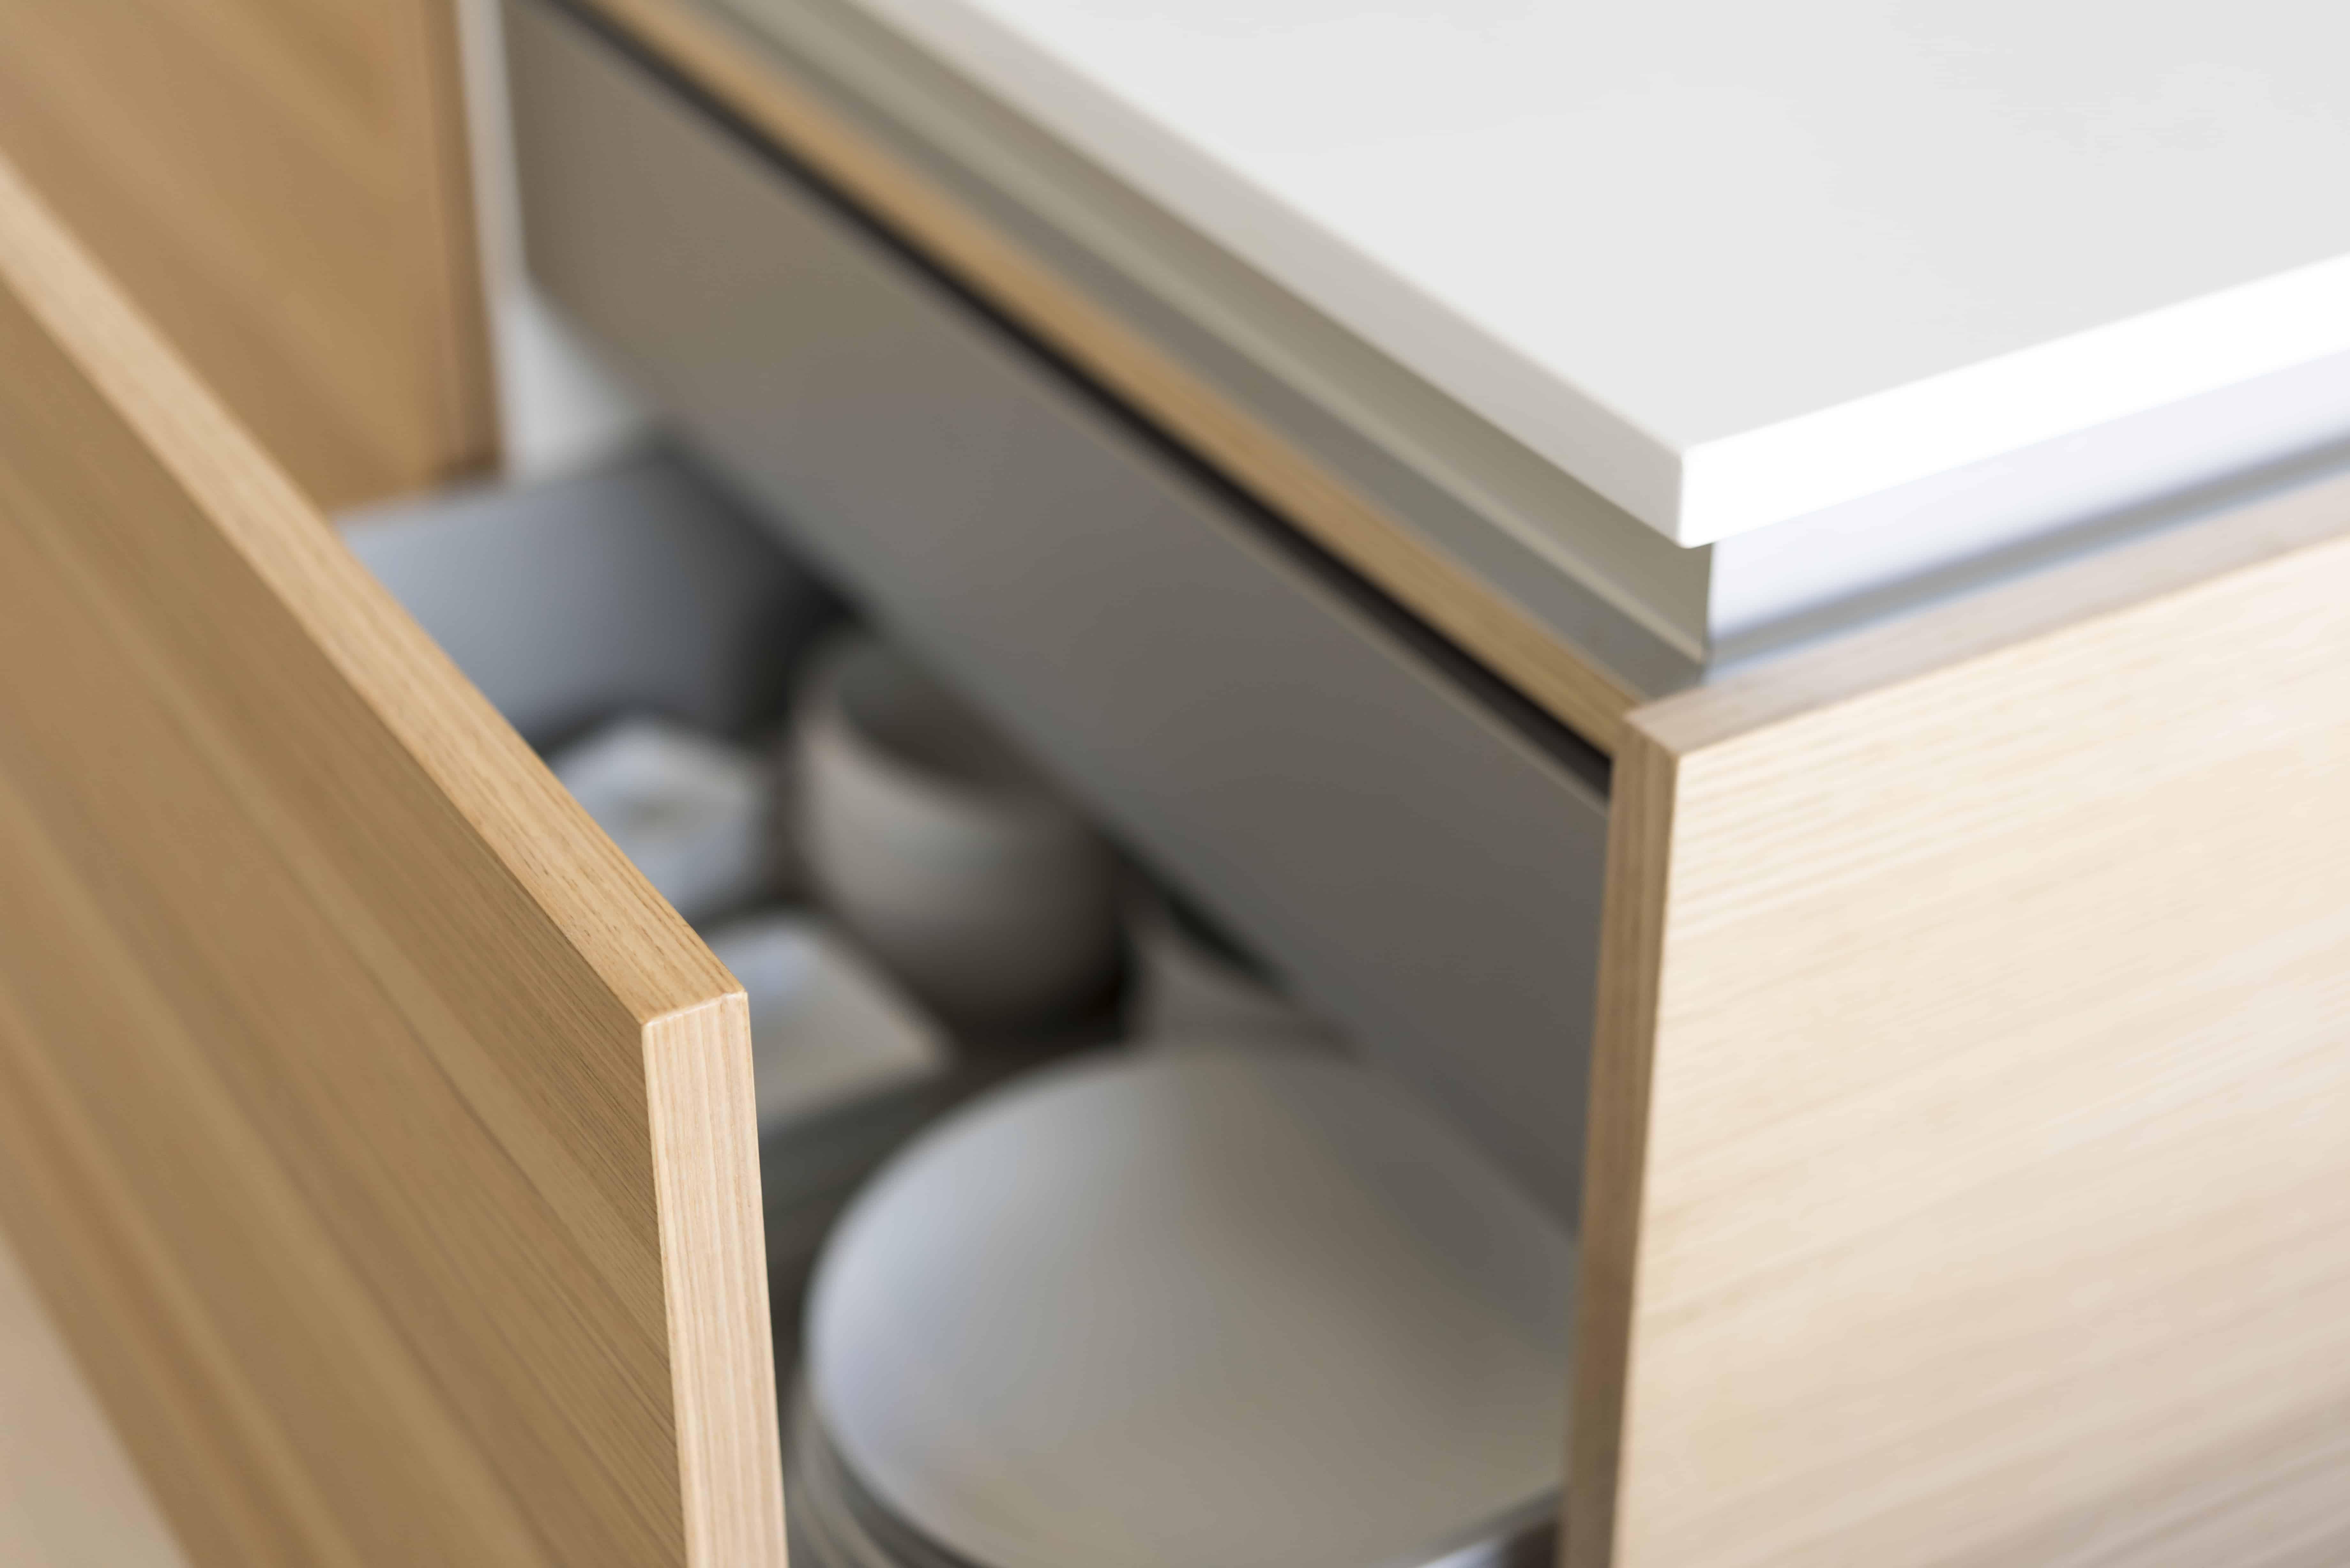 internal drawer detail